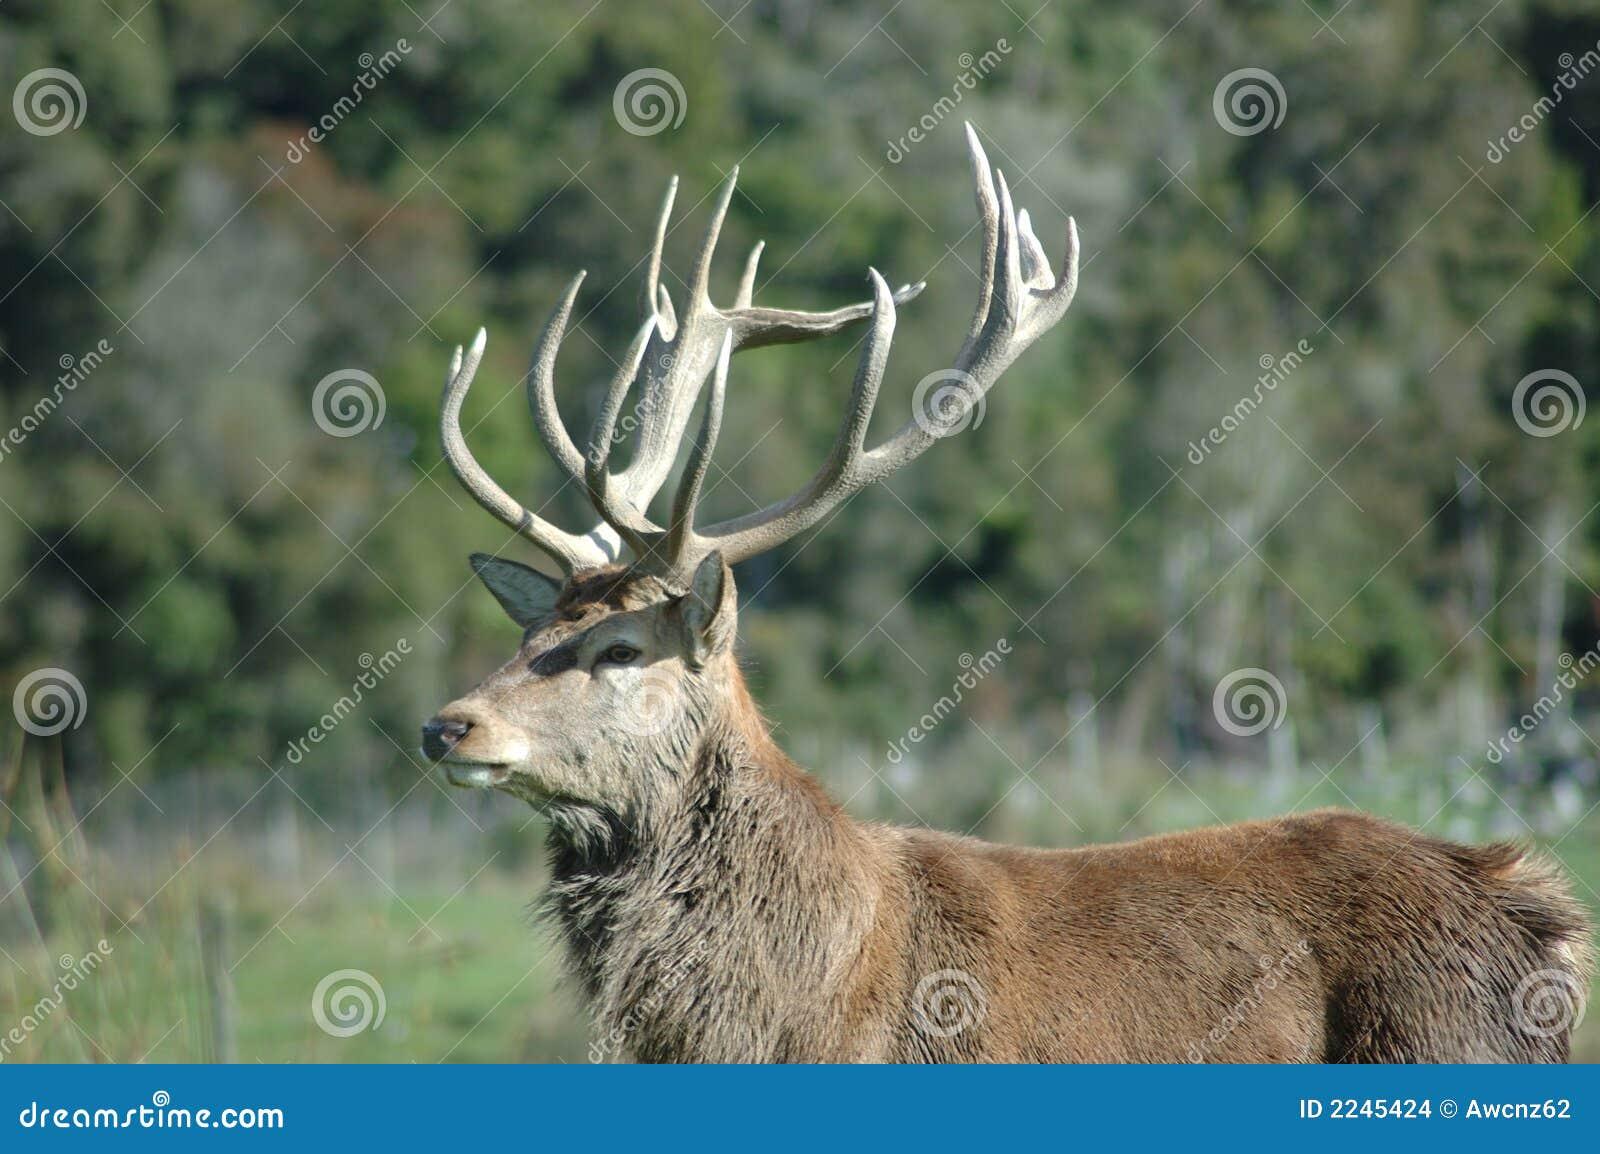 red deer stag stock images image 2245424. Black Bedroom Furniture Sets. Home Design Ideas